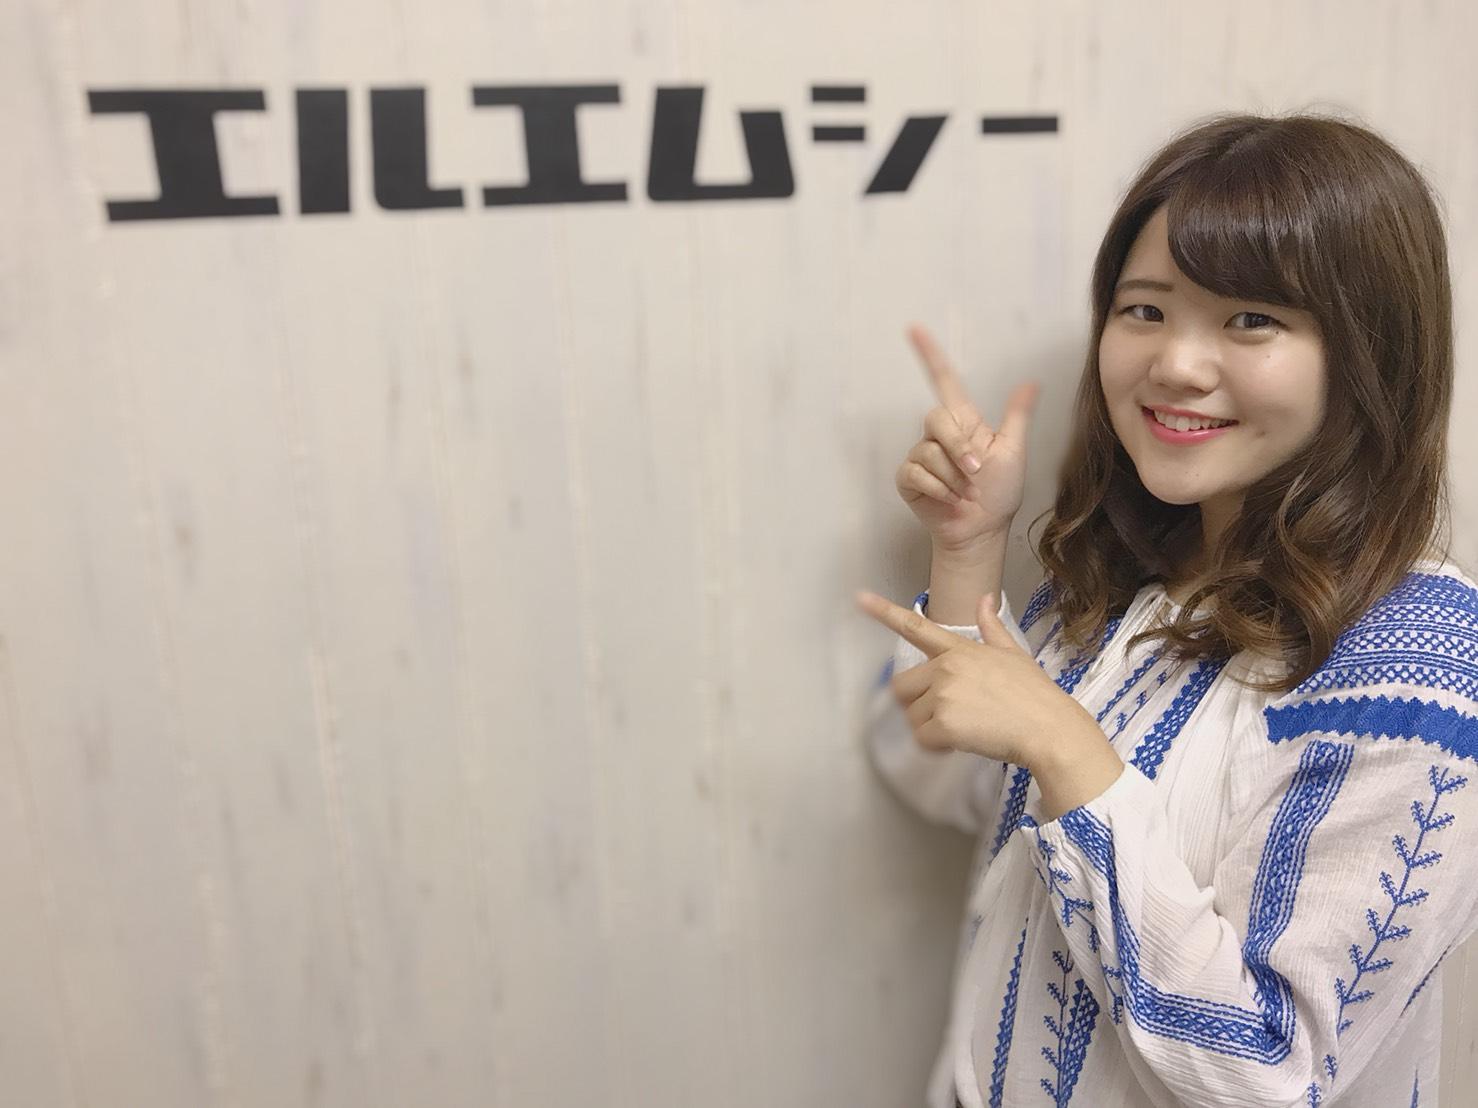 【東京20卒:明治大学】楽しいだけじゃない環境で真のリーダーになるために入会しました。